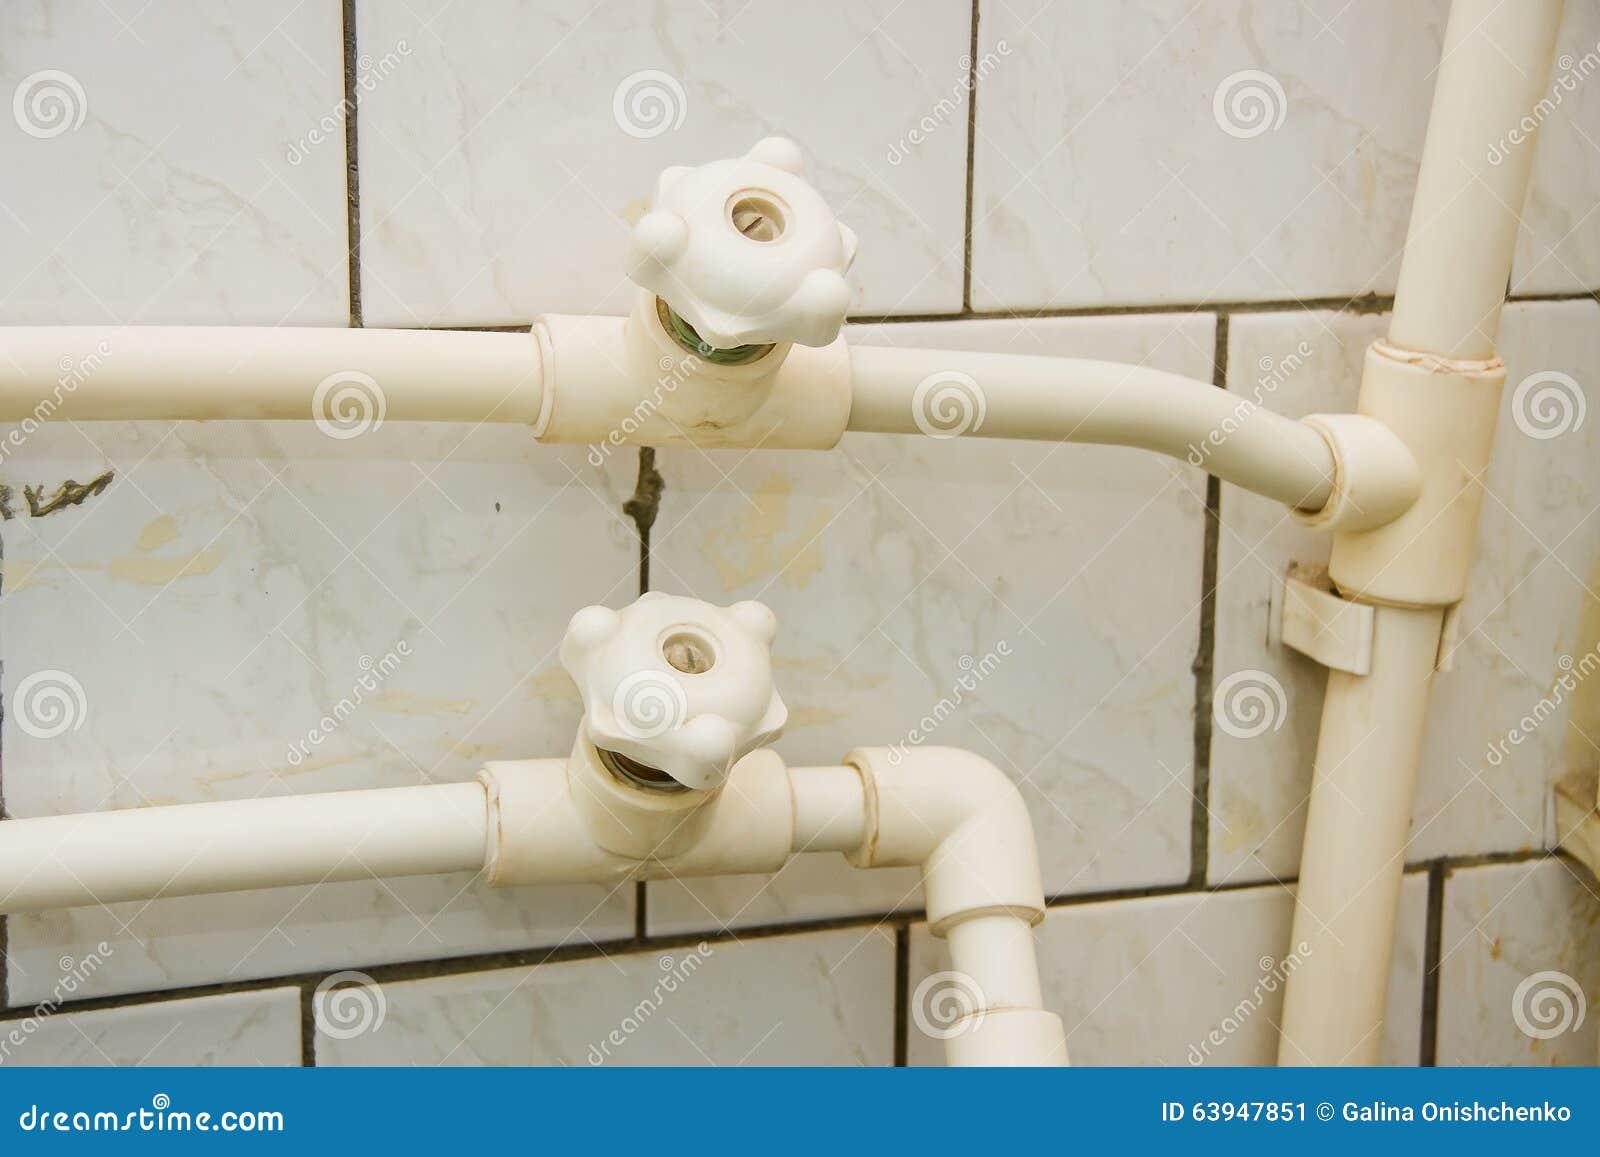 Gamla vattenkranar i ett badrum arkivfoto   bild: 63947851